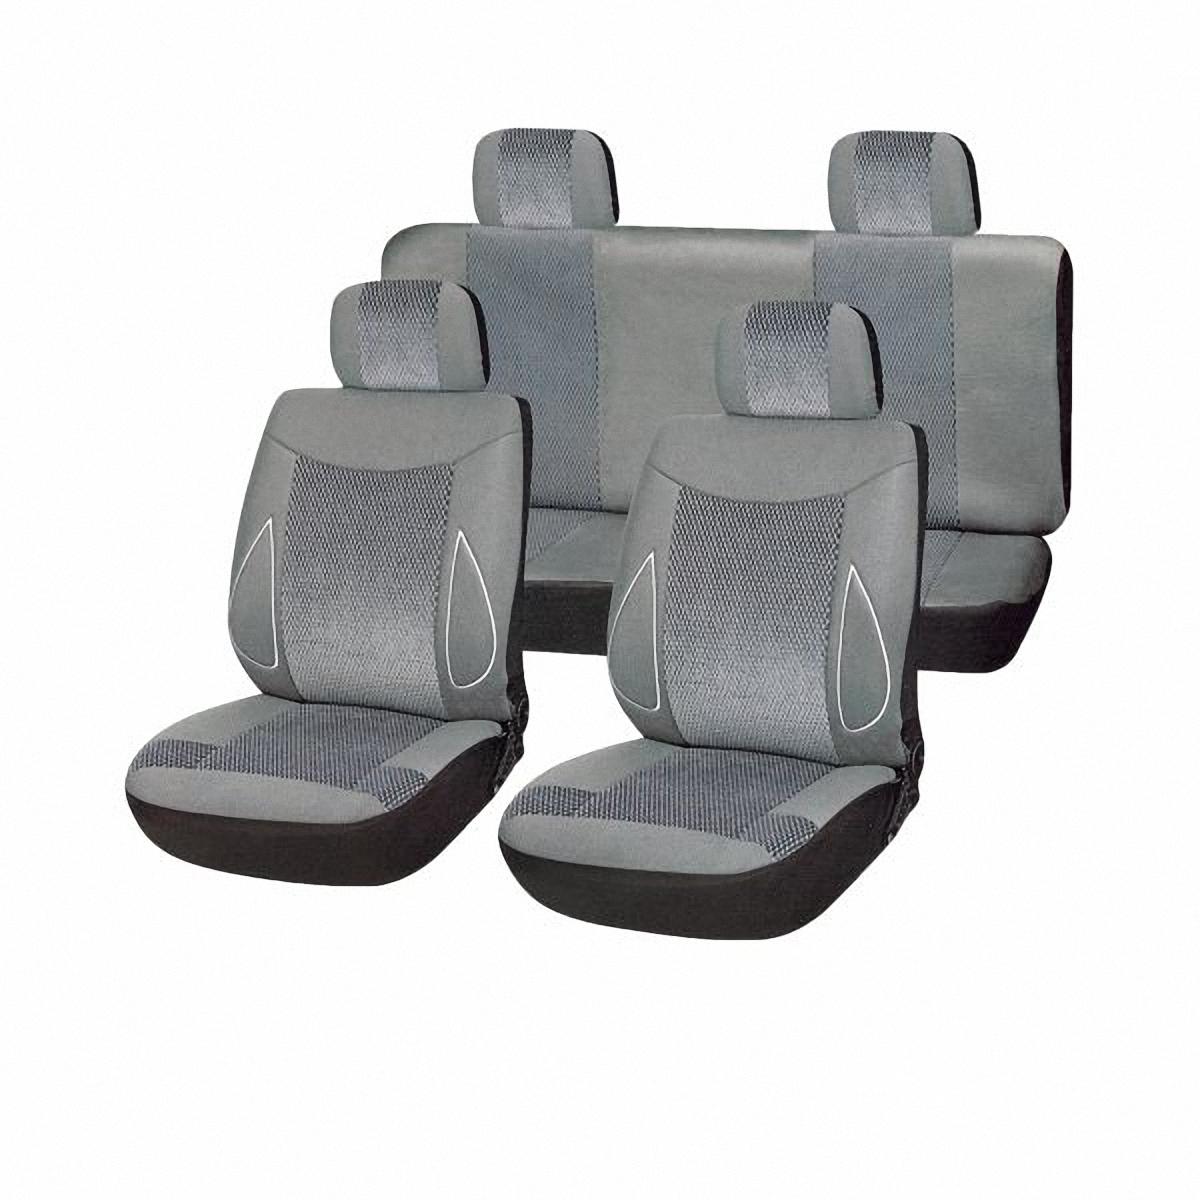 Чехлы автомобильные Skyway. SW-101083 GY/S01301002SW-101083 GY/S01301002Комплект классических универсальных автомобильных чехлов Skyway изготовлен из велюра. Чехлы защитят обивку сидений от вытирания и выцветания. Благодаря структуре ткани, обеспечивается улучшенная вентиляция кресел, что позволяет сделать более комфортными долгое пребывание за рулем во время дальней поездки.